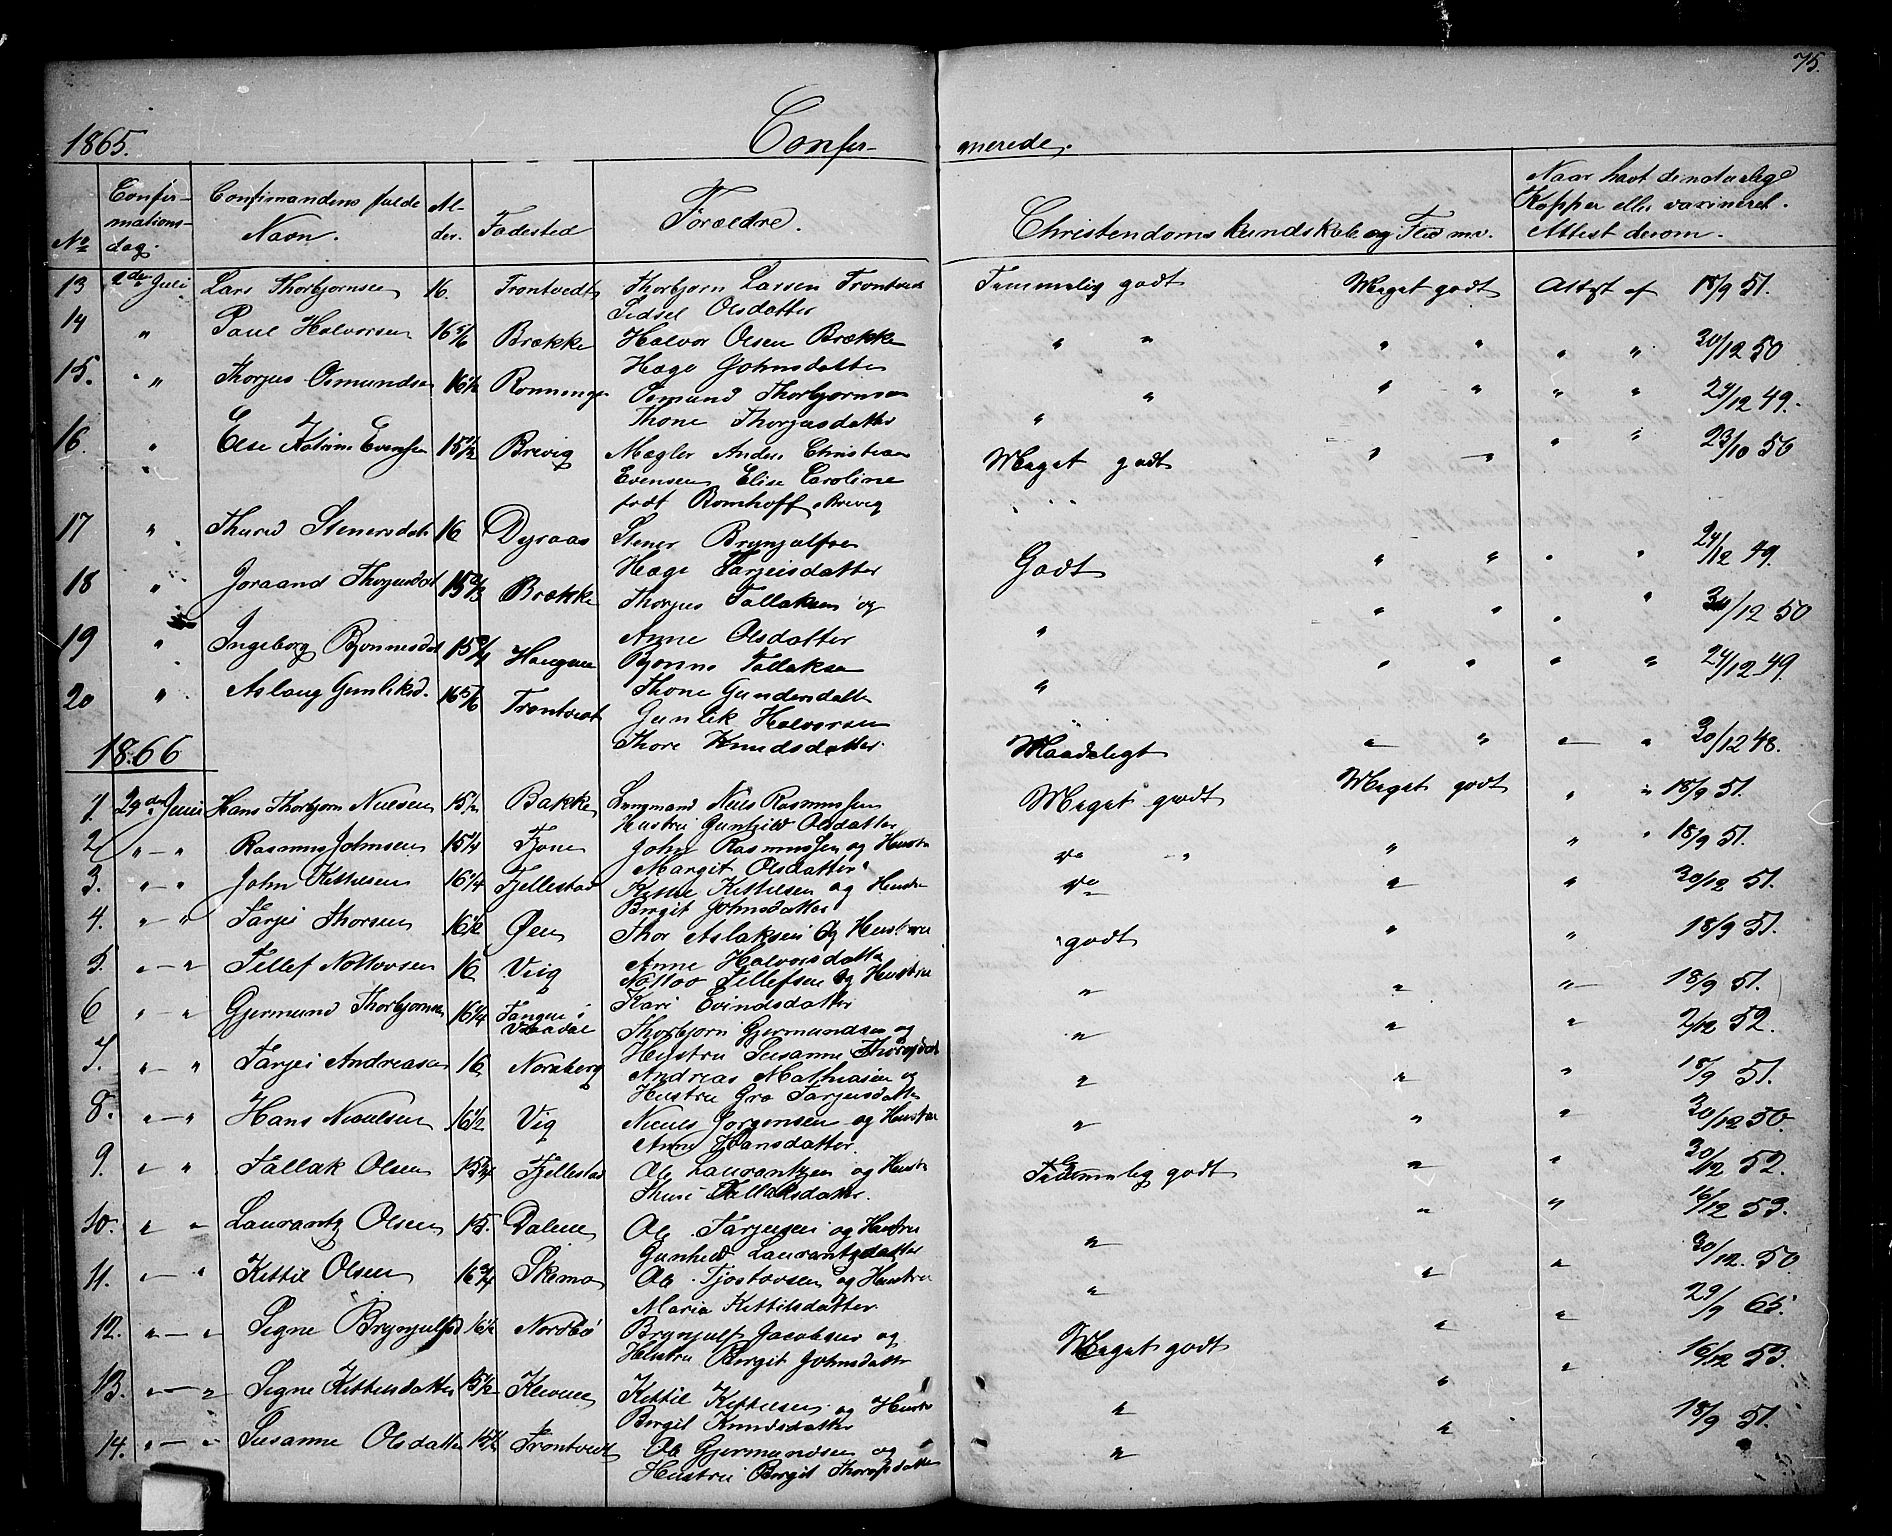 SAKO, Nissedal kirkebøker, G/Ga/L0002: Klokkerbok nr. I 2, 1861-1887, s. 75